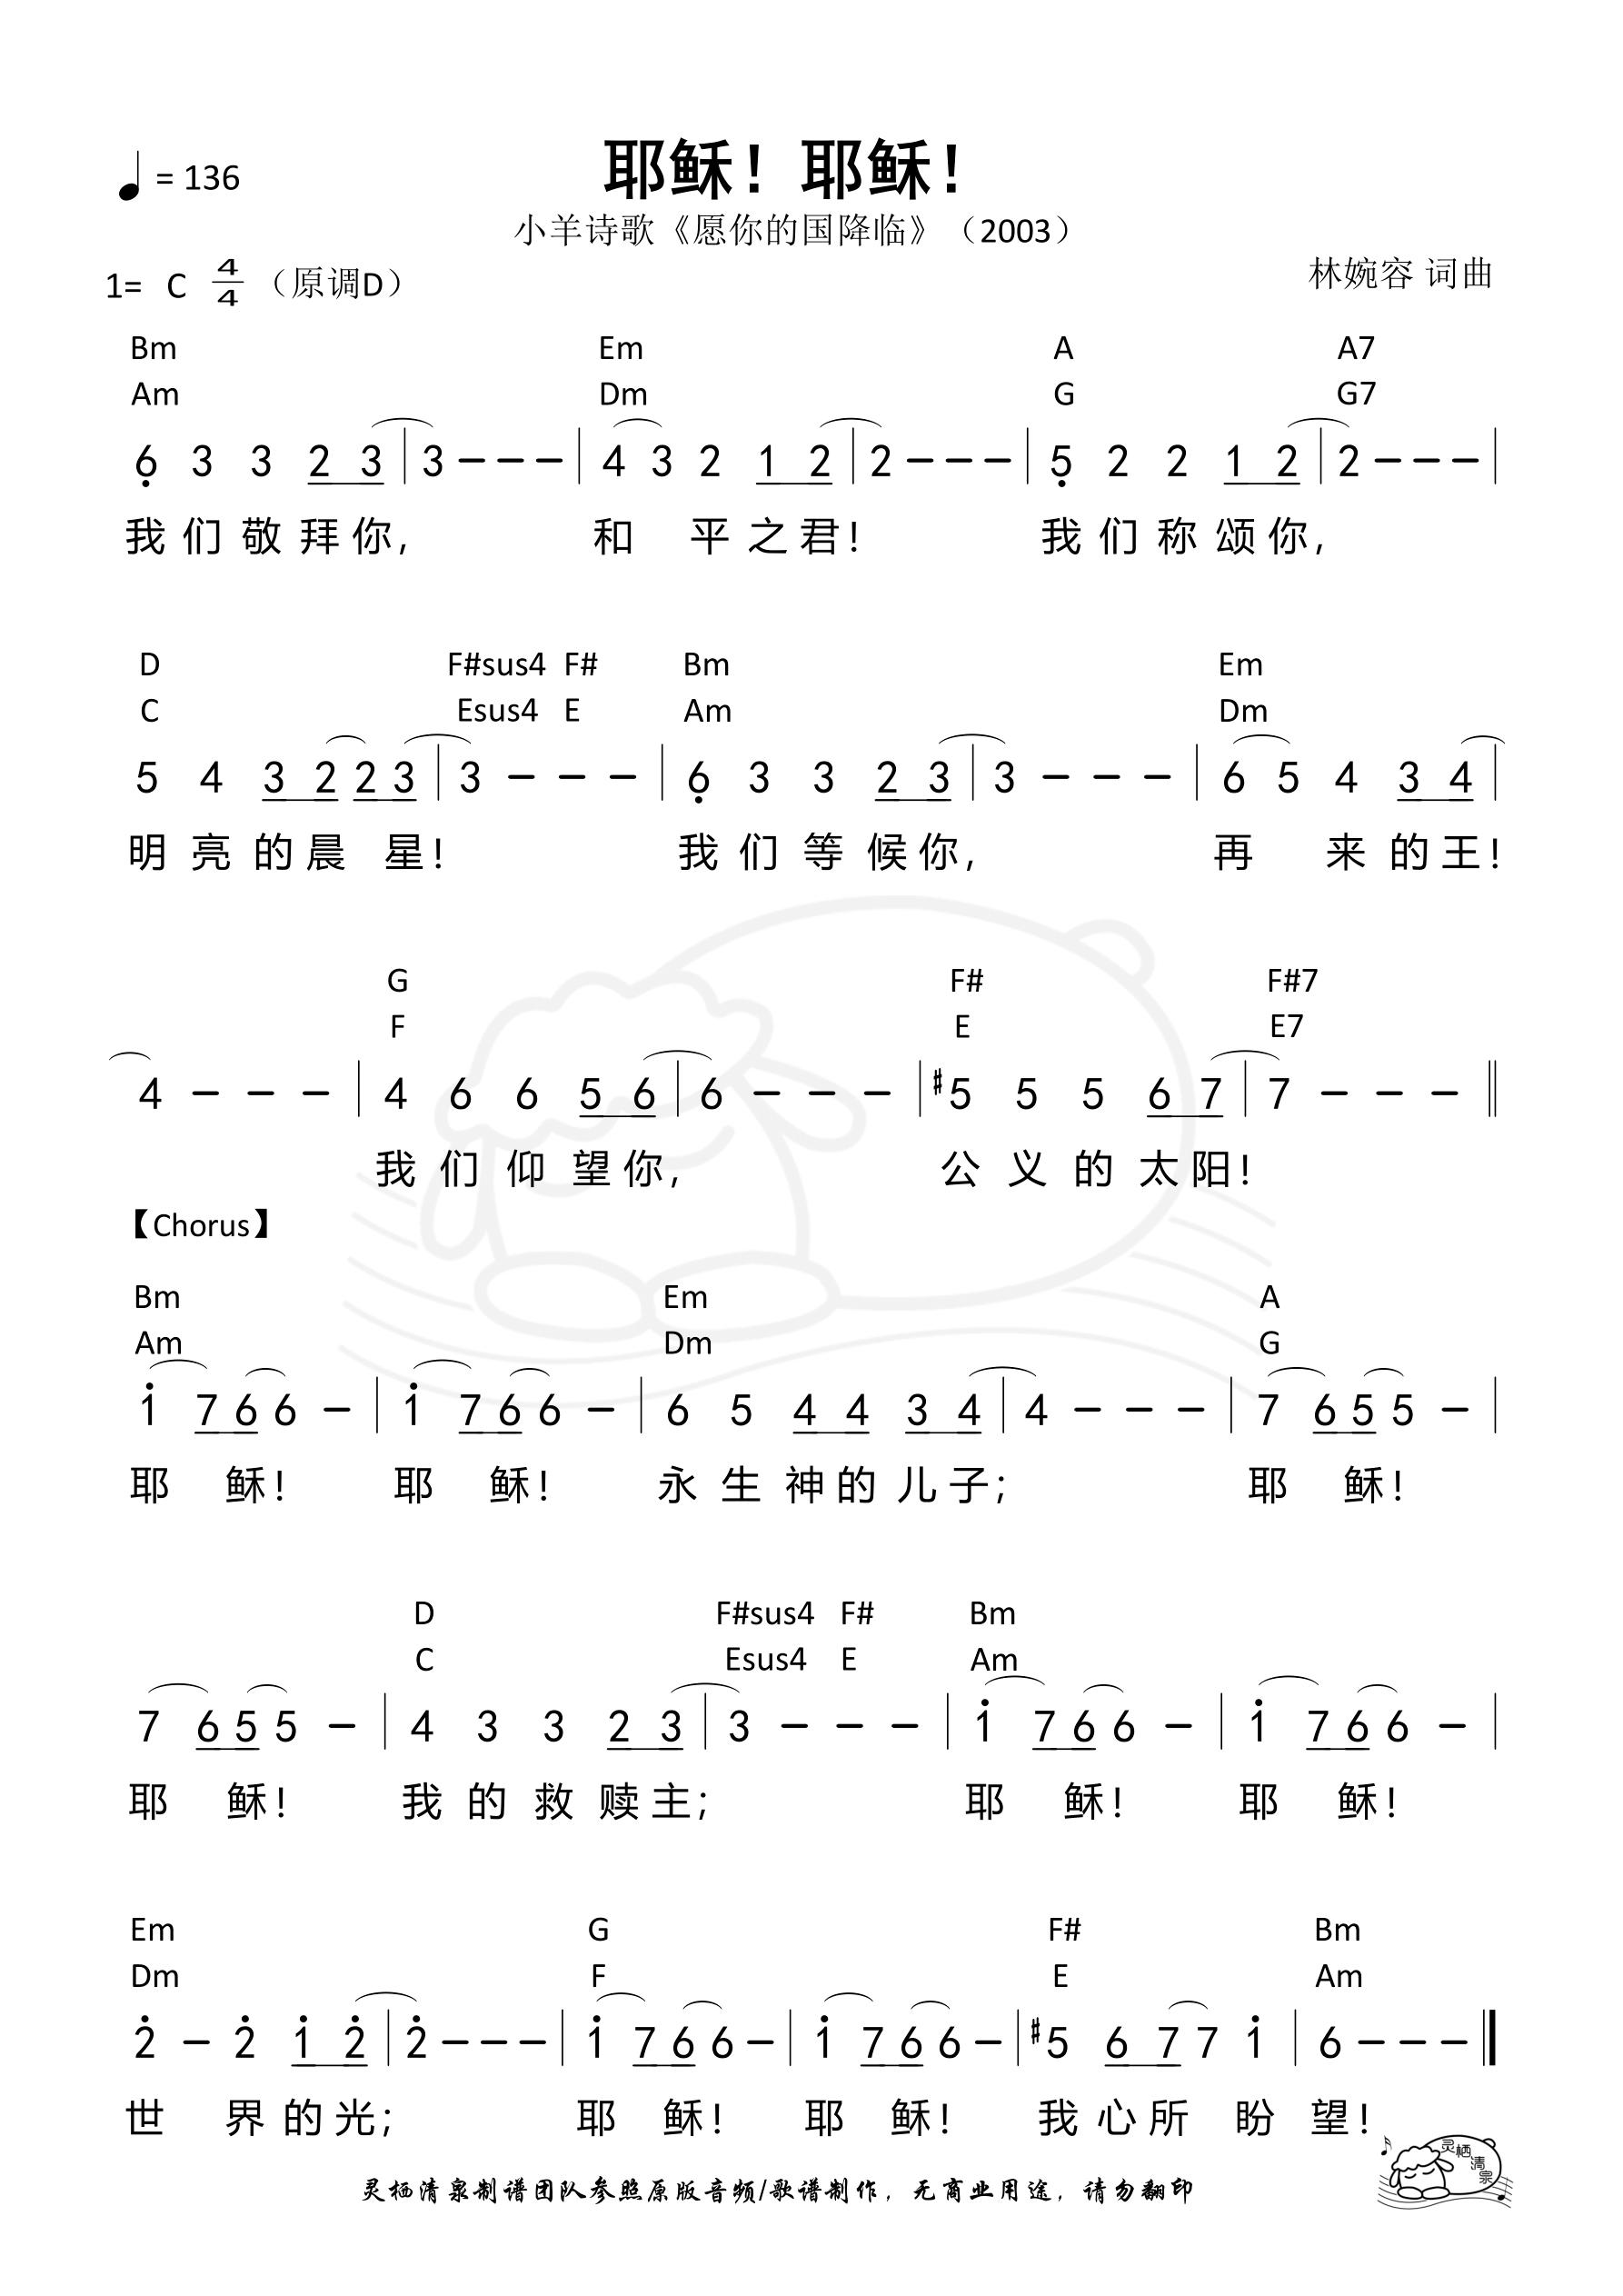 《第617首 -耶稣!耶稣! 和弦简谱》